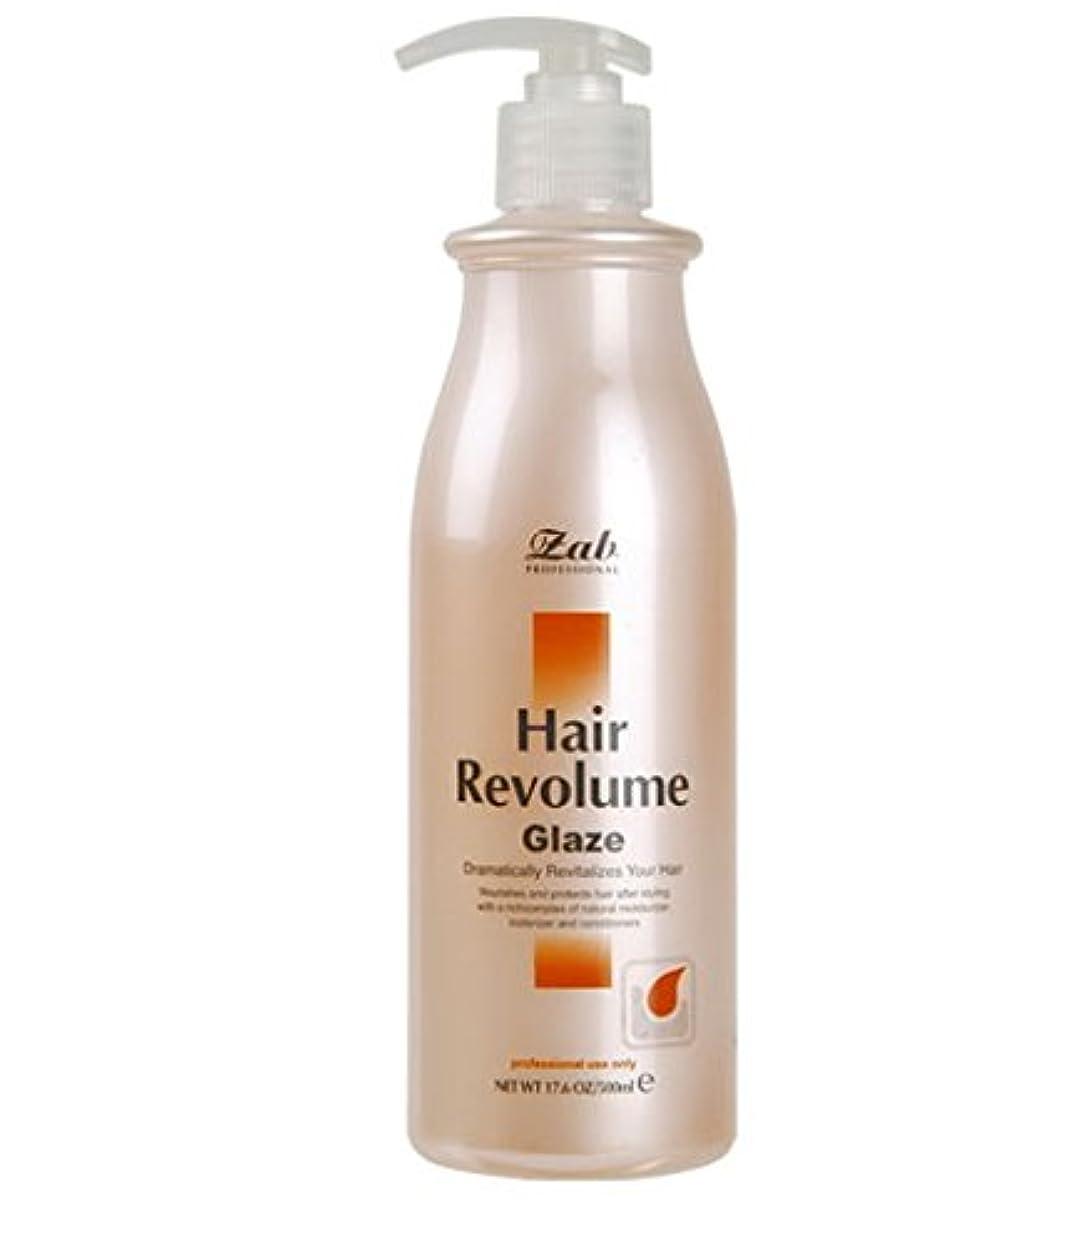 泳ぐ威する神秘的な[MONALIZA/モナリザ] zab Hair Revolume Glaze 500ml/ジャブ毛深いボリュームグレーズ(海外直送品)